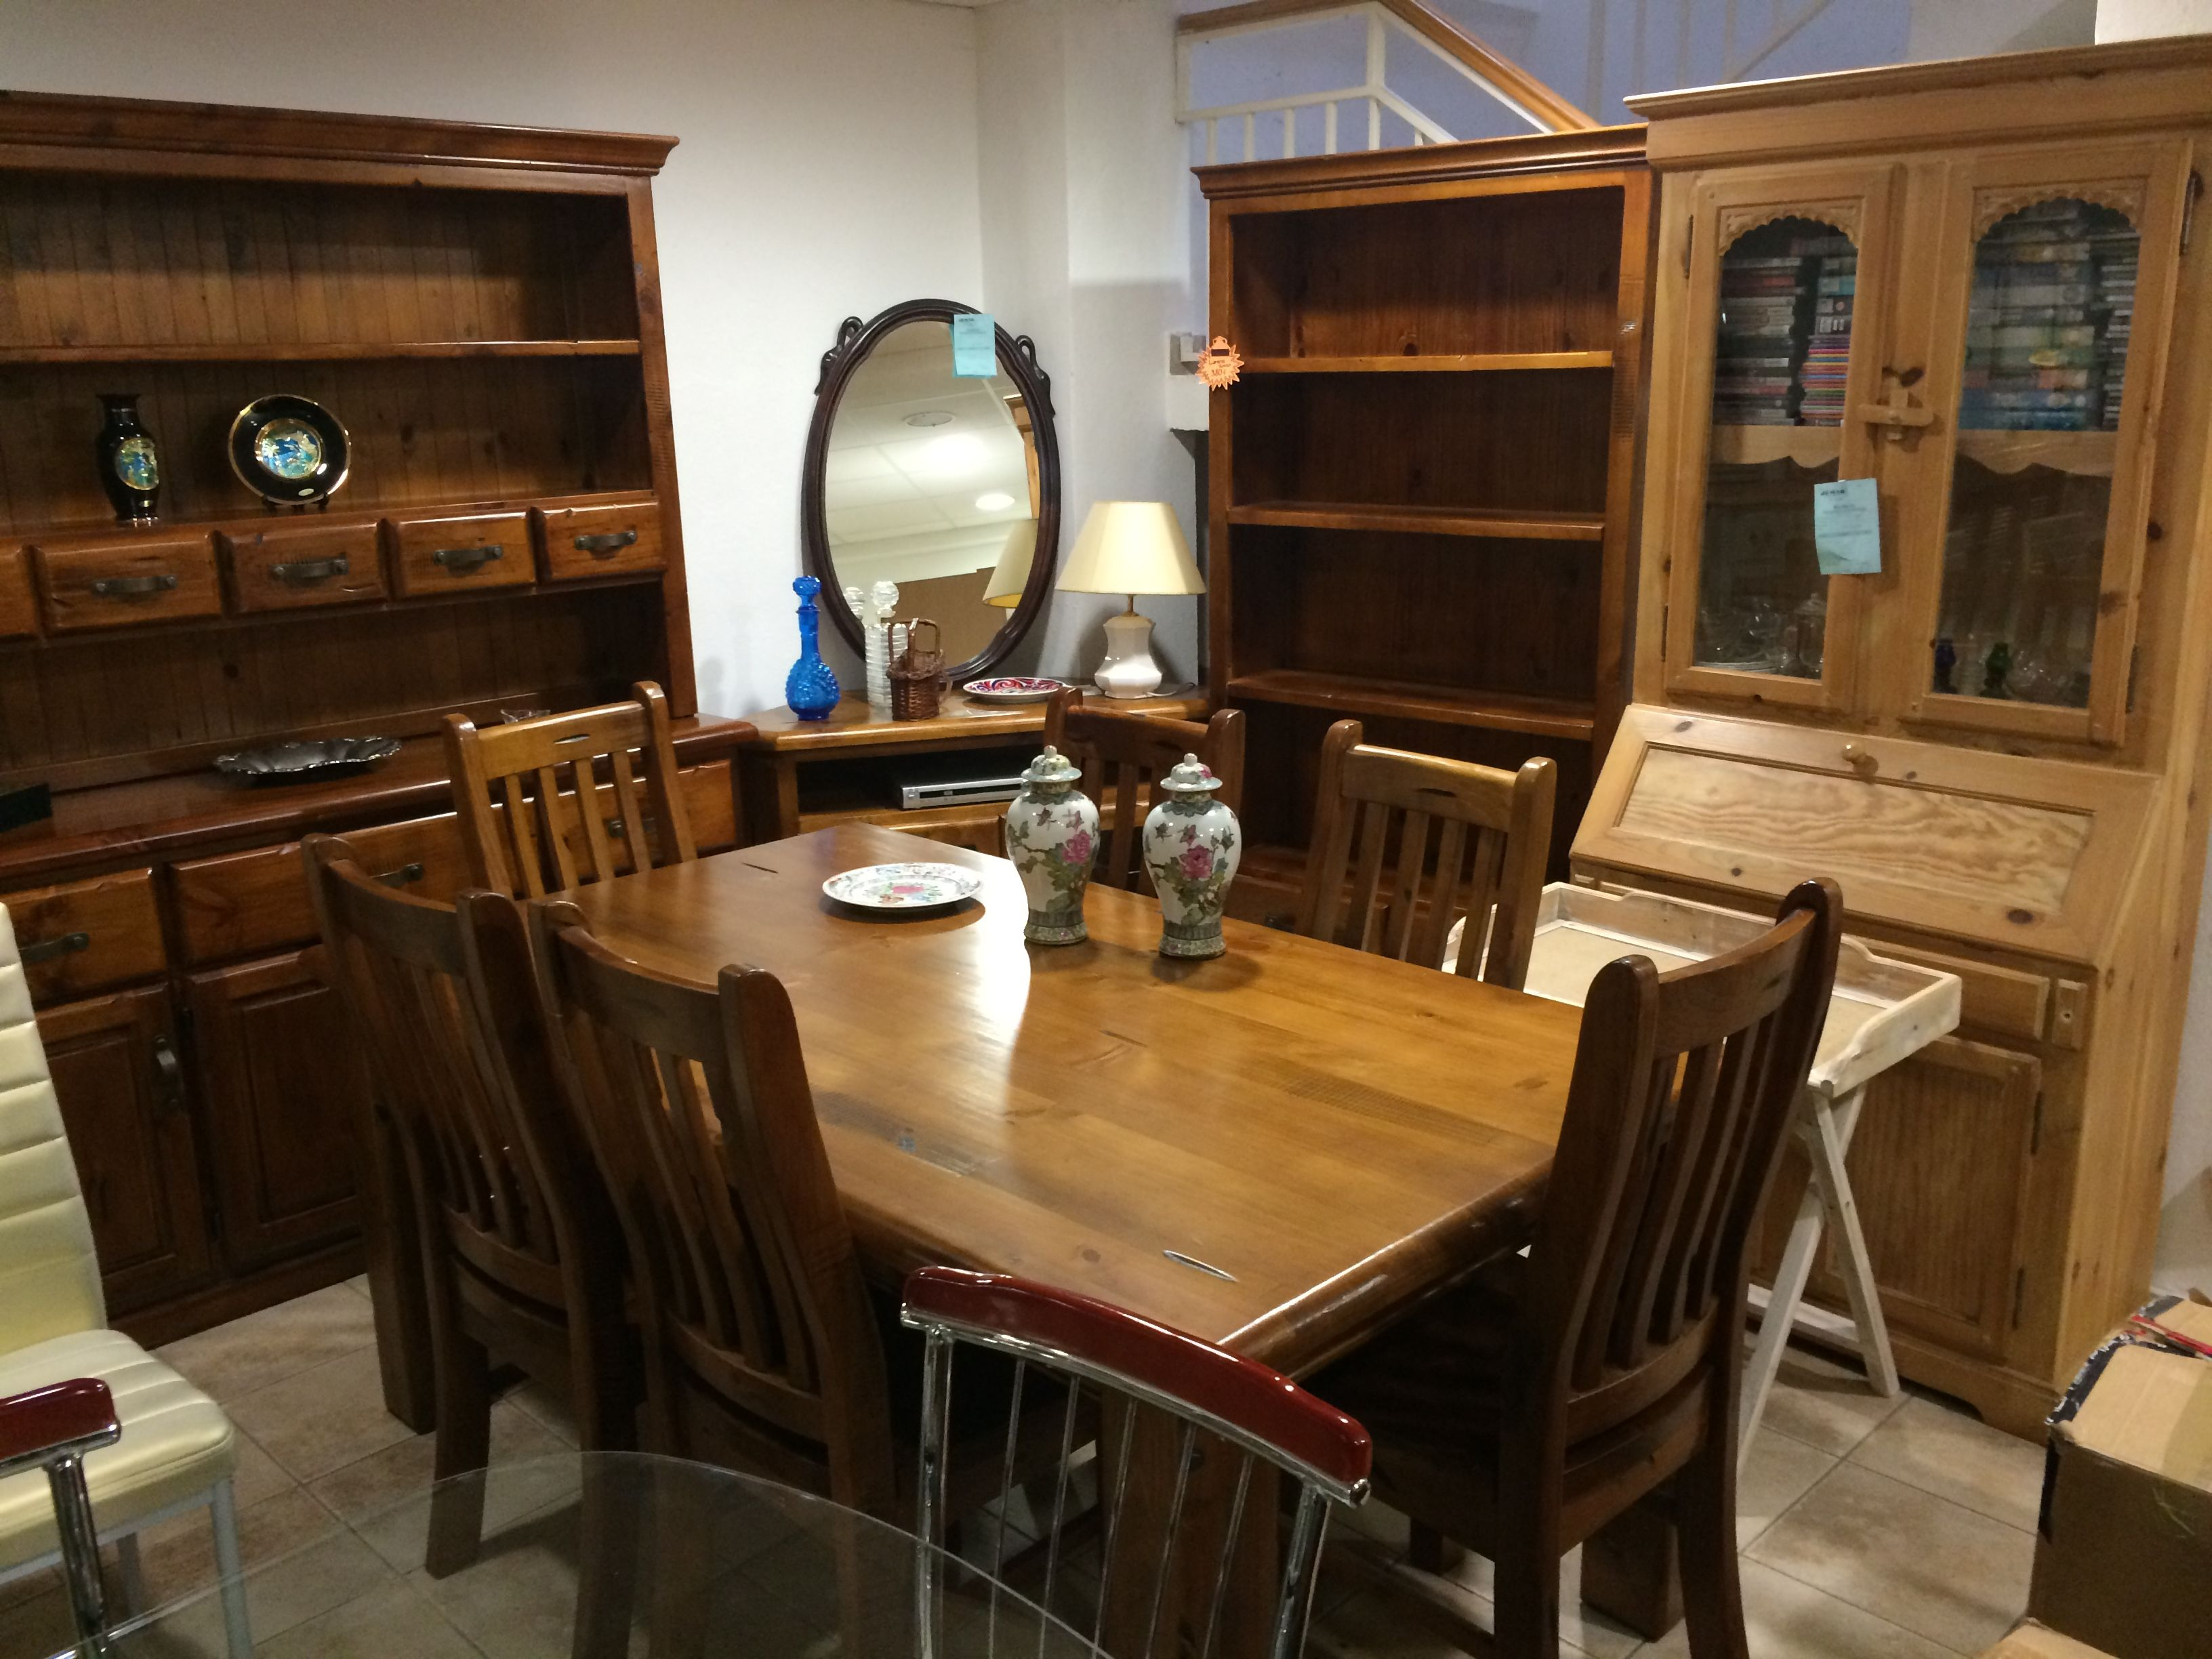 Muebles de cocina baratos en segunda mano for Muebles salon baratos segunda mano